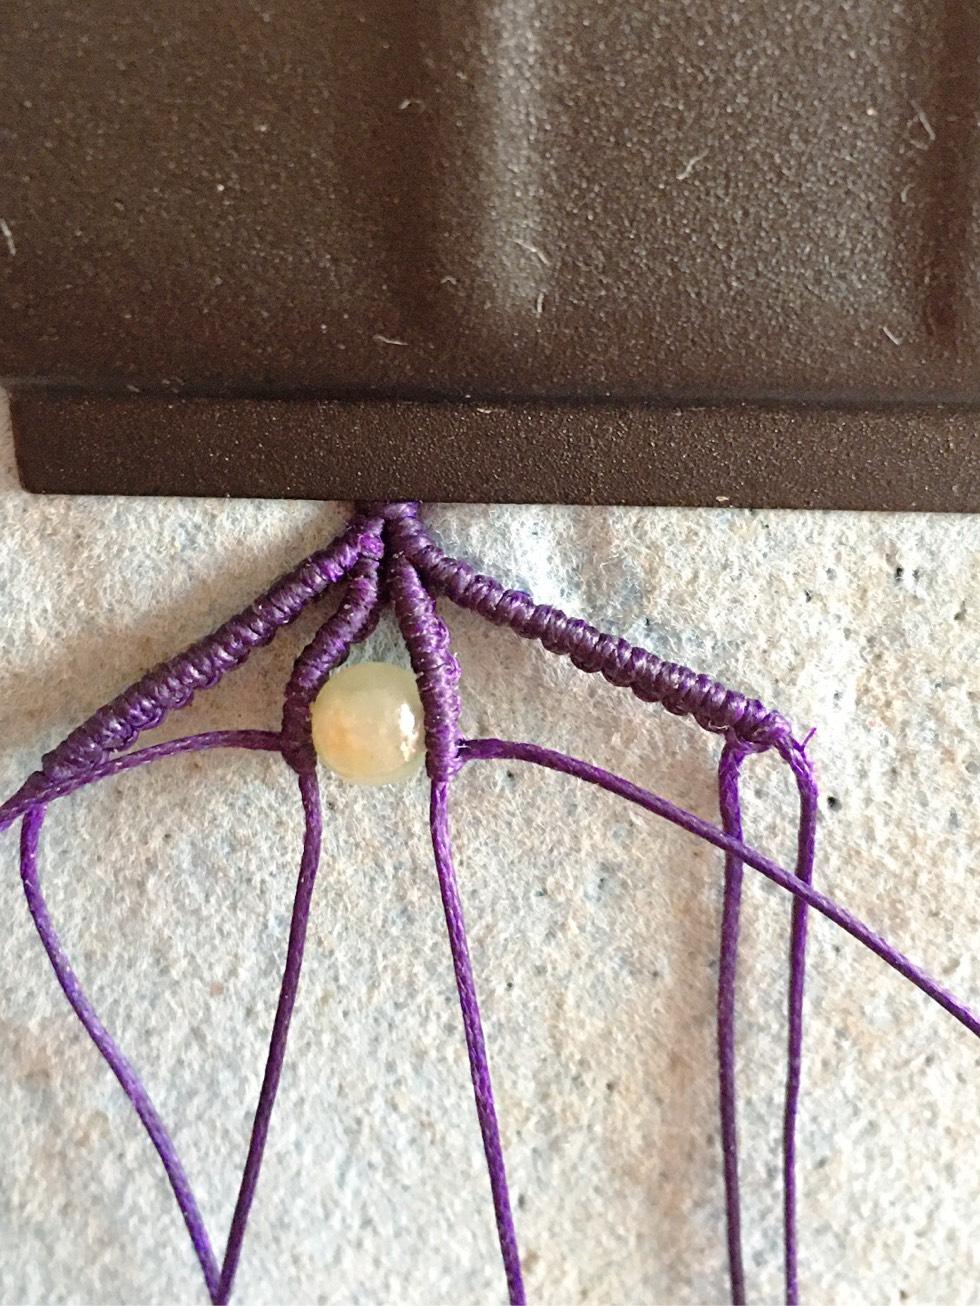 中国结论坛 项链绳中间过渡 两端抽拉的绳结怎么打,一根线穿吊坠打结方法,二根绳子各种编法图解 图文教程区 142705bb4jzbjazjaxmg1b